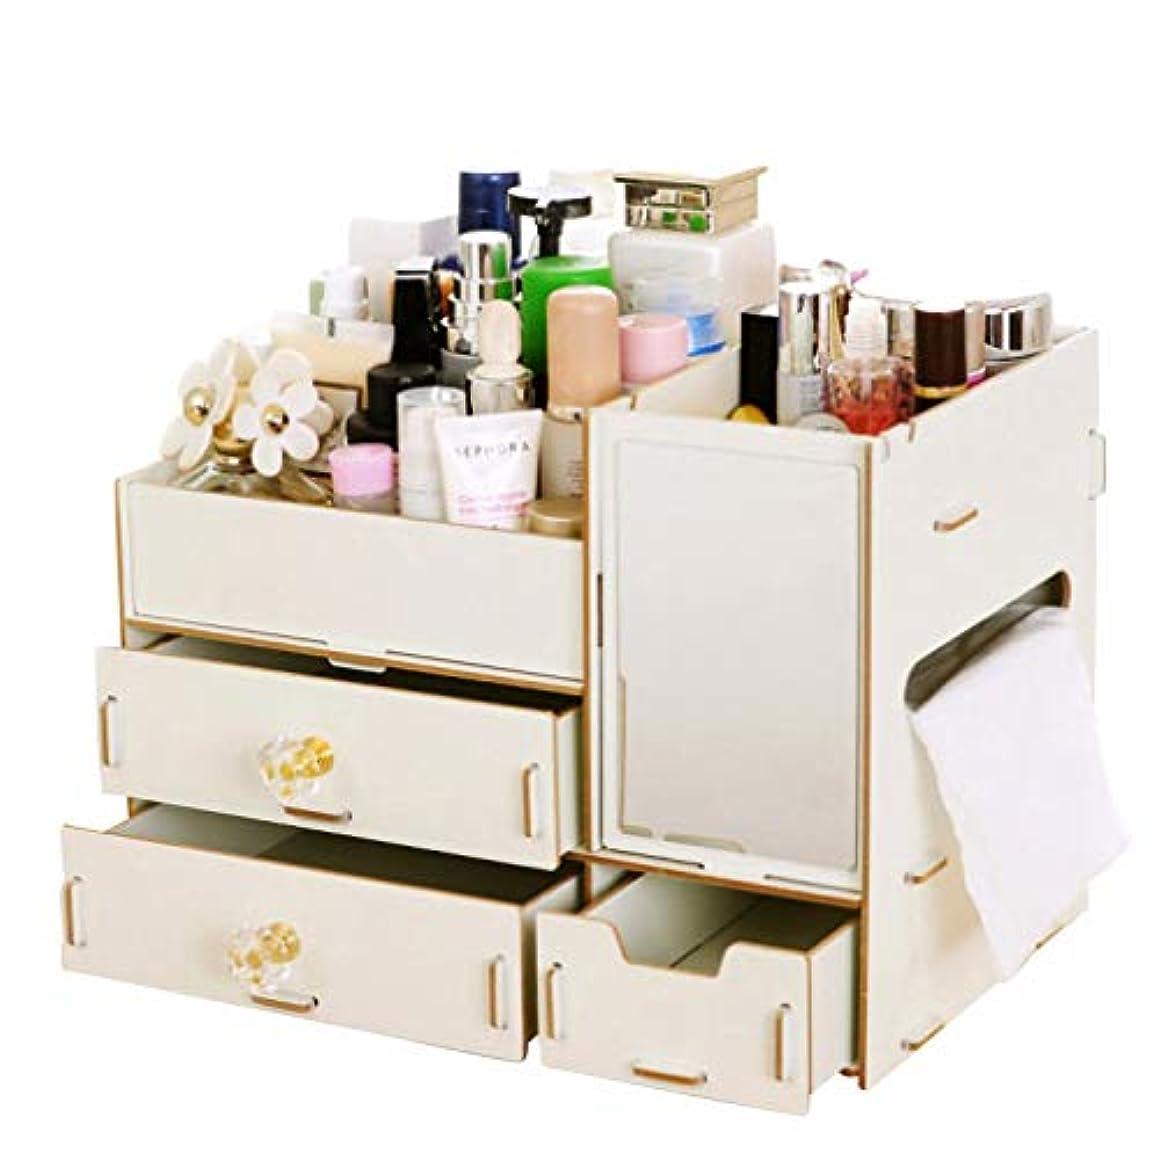 ブーム困惑するバイオレット伊耶那美(イザナミ) 化粧品 コスメ ジュエリー 収納 ボックス メイクボックス 木製 組み立て式(白色)